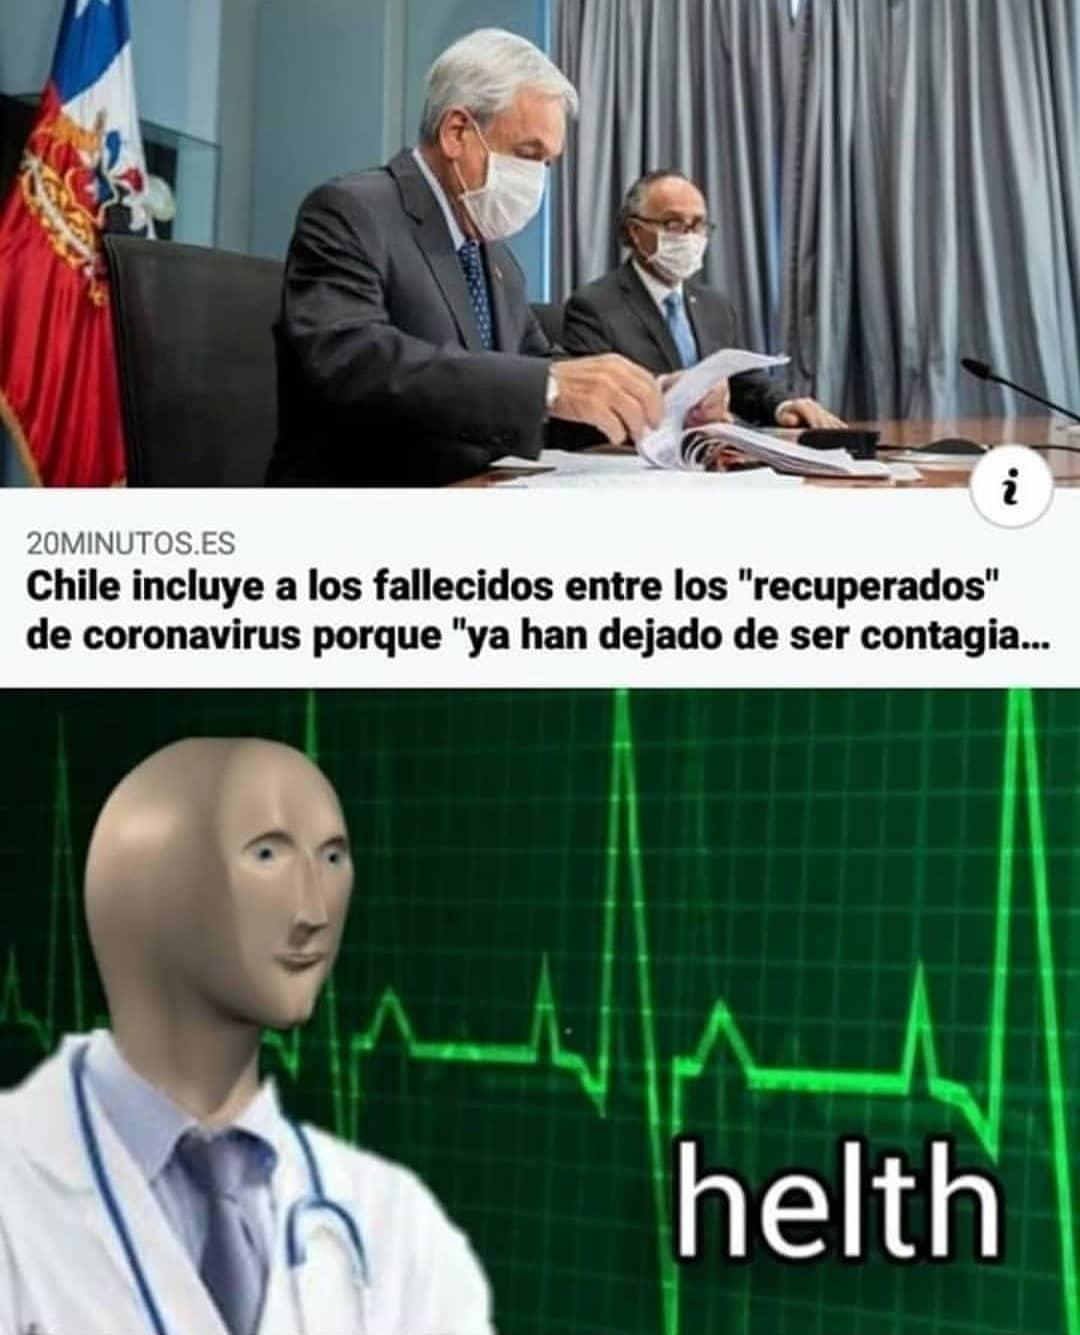 """Chile incluye a los fallecidos entre los """"recuperados"""" de coronavirus porque """"ya han dejado de ser contagia... helth."""